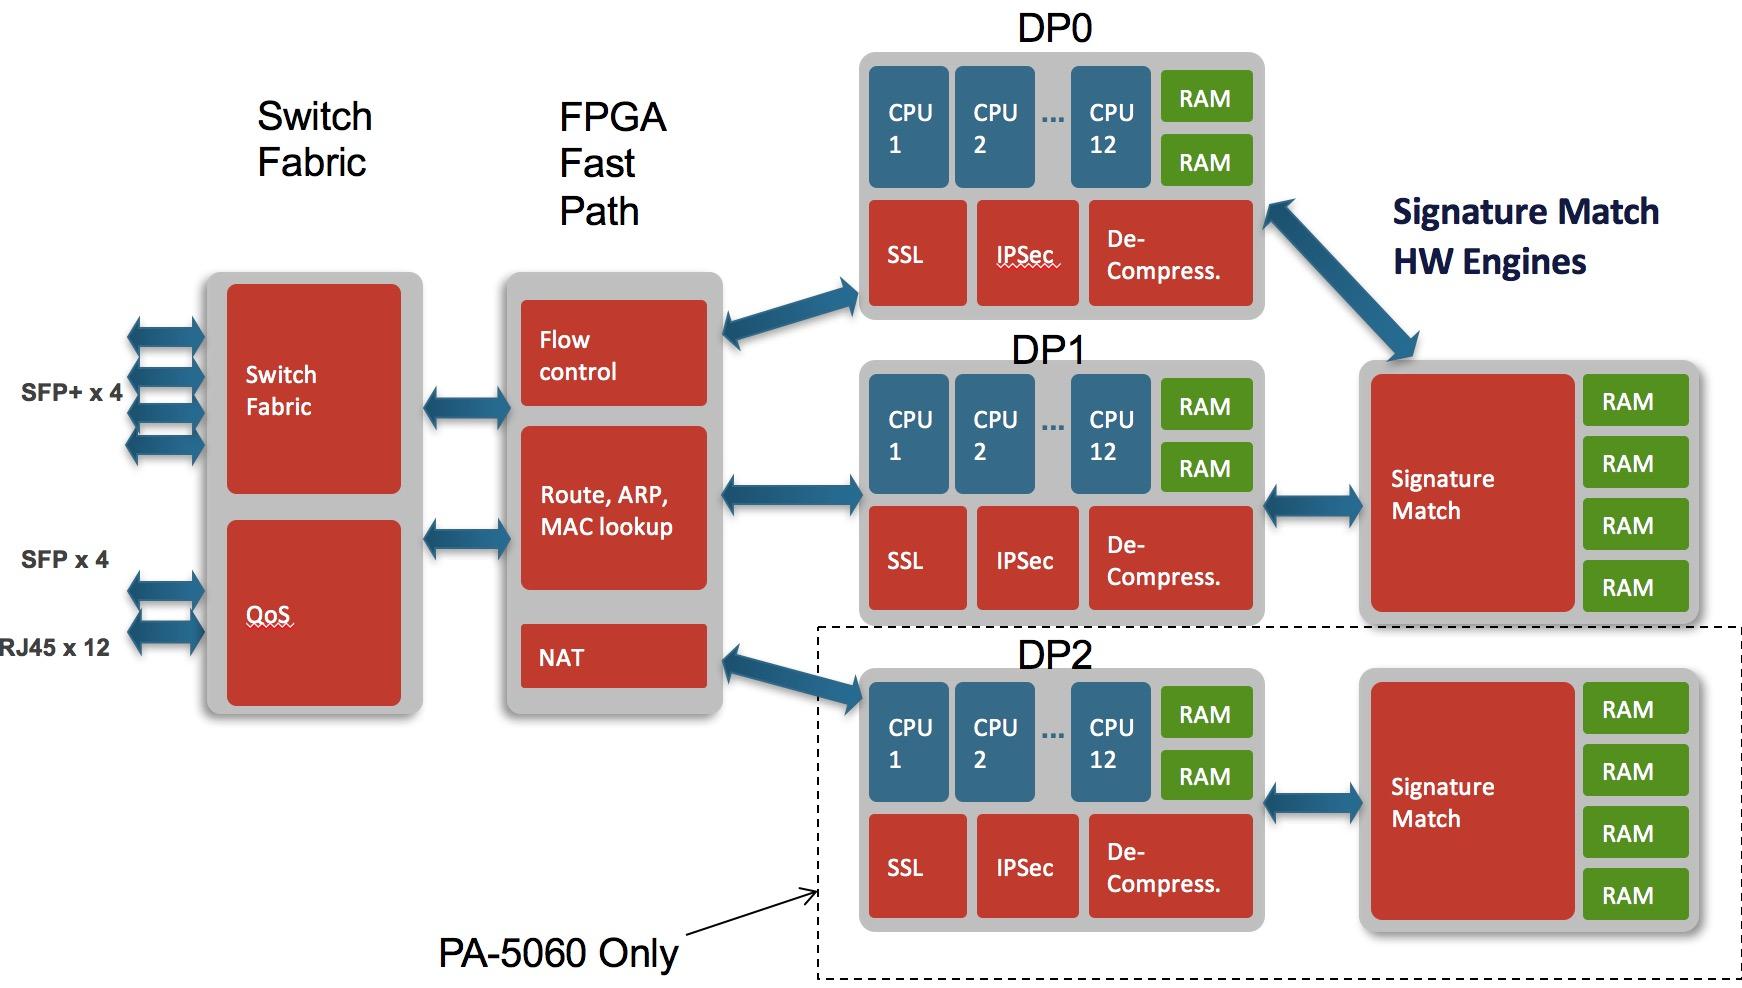 4F75CD3F-CFD8-4EB1-83A5-8F44C5A0C75F.png